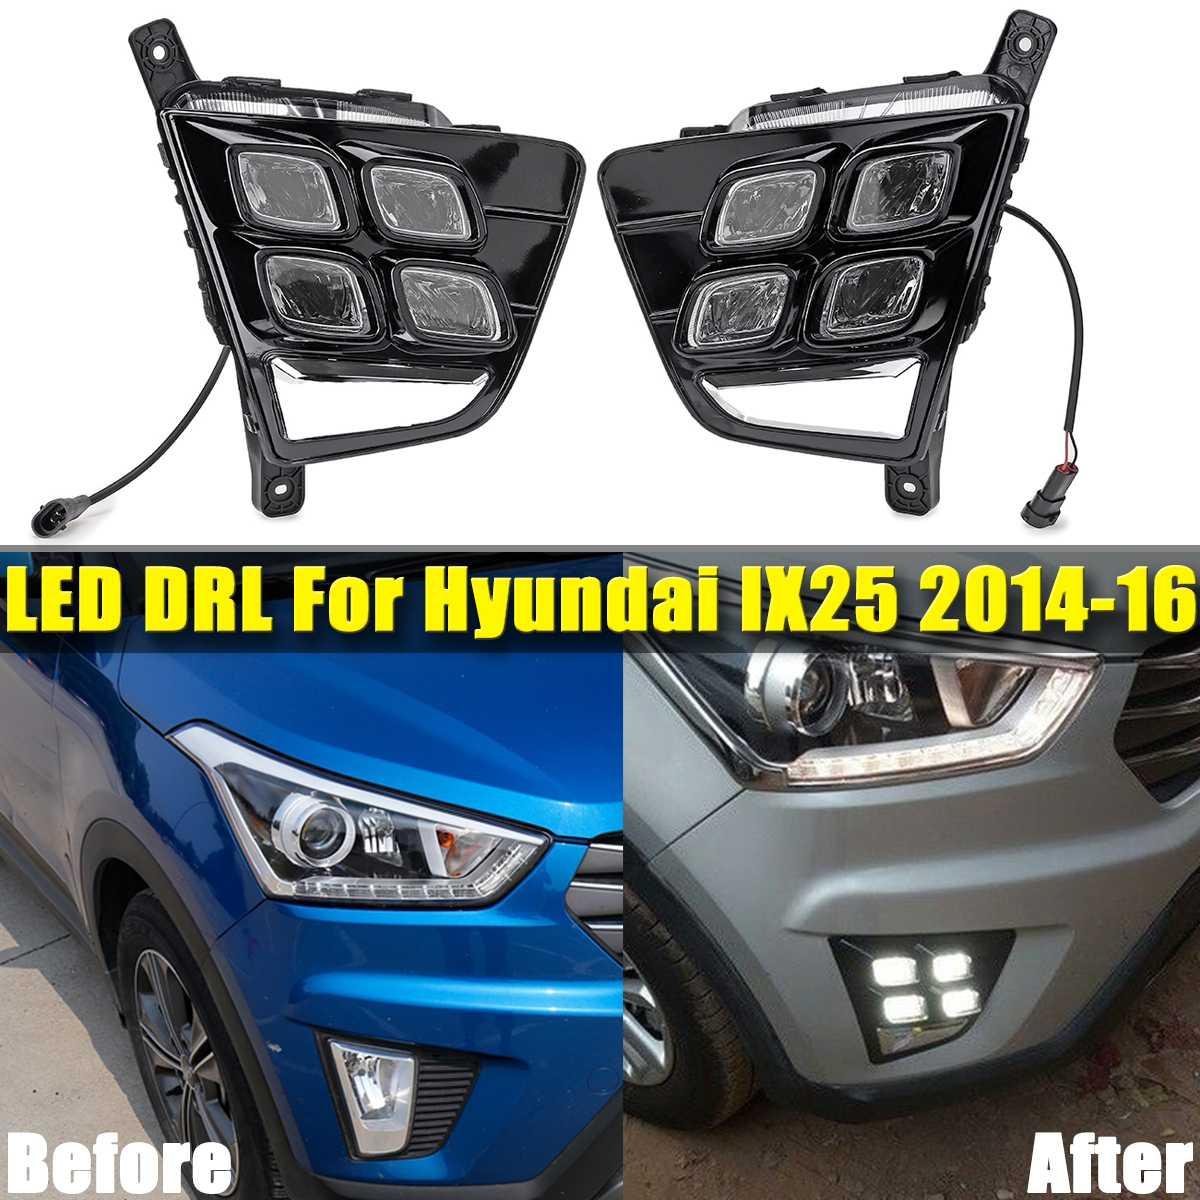 1 Pair 12V White LED DRL Daytime Running Light Fog Lamp Turn Signals Light For Hyundai For Creta IX25 2014 2015 2016